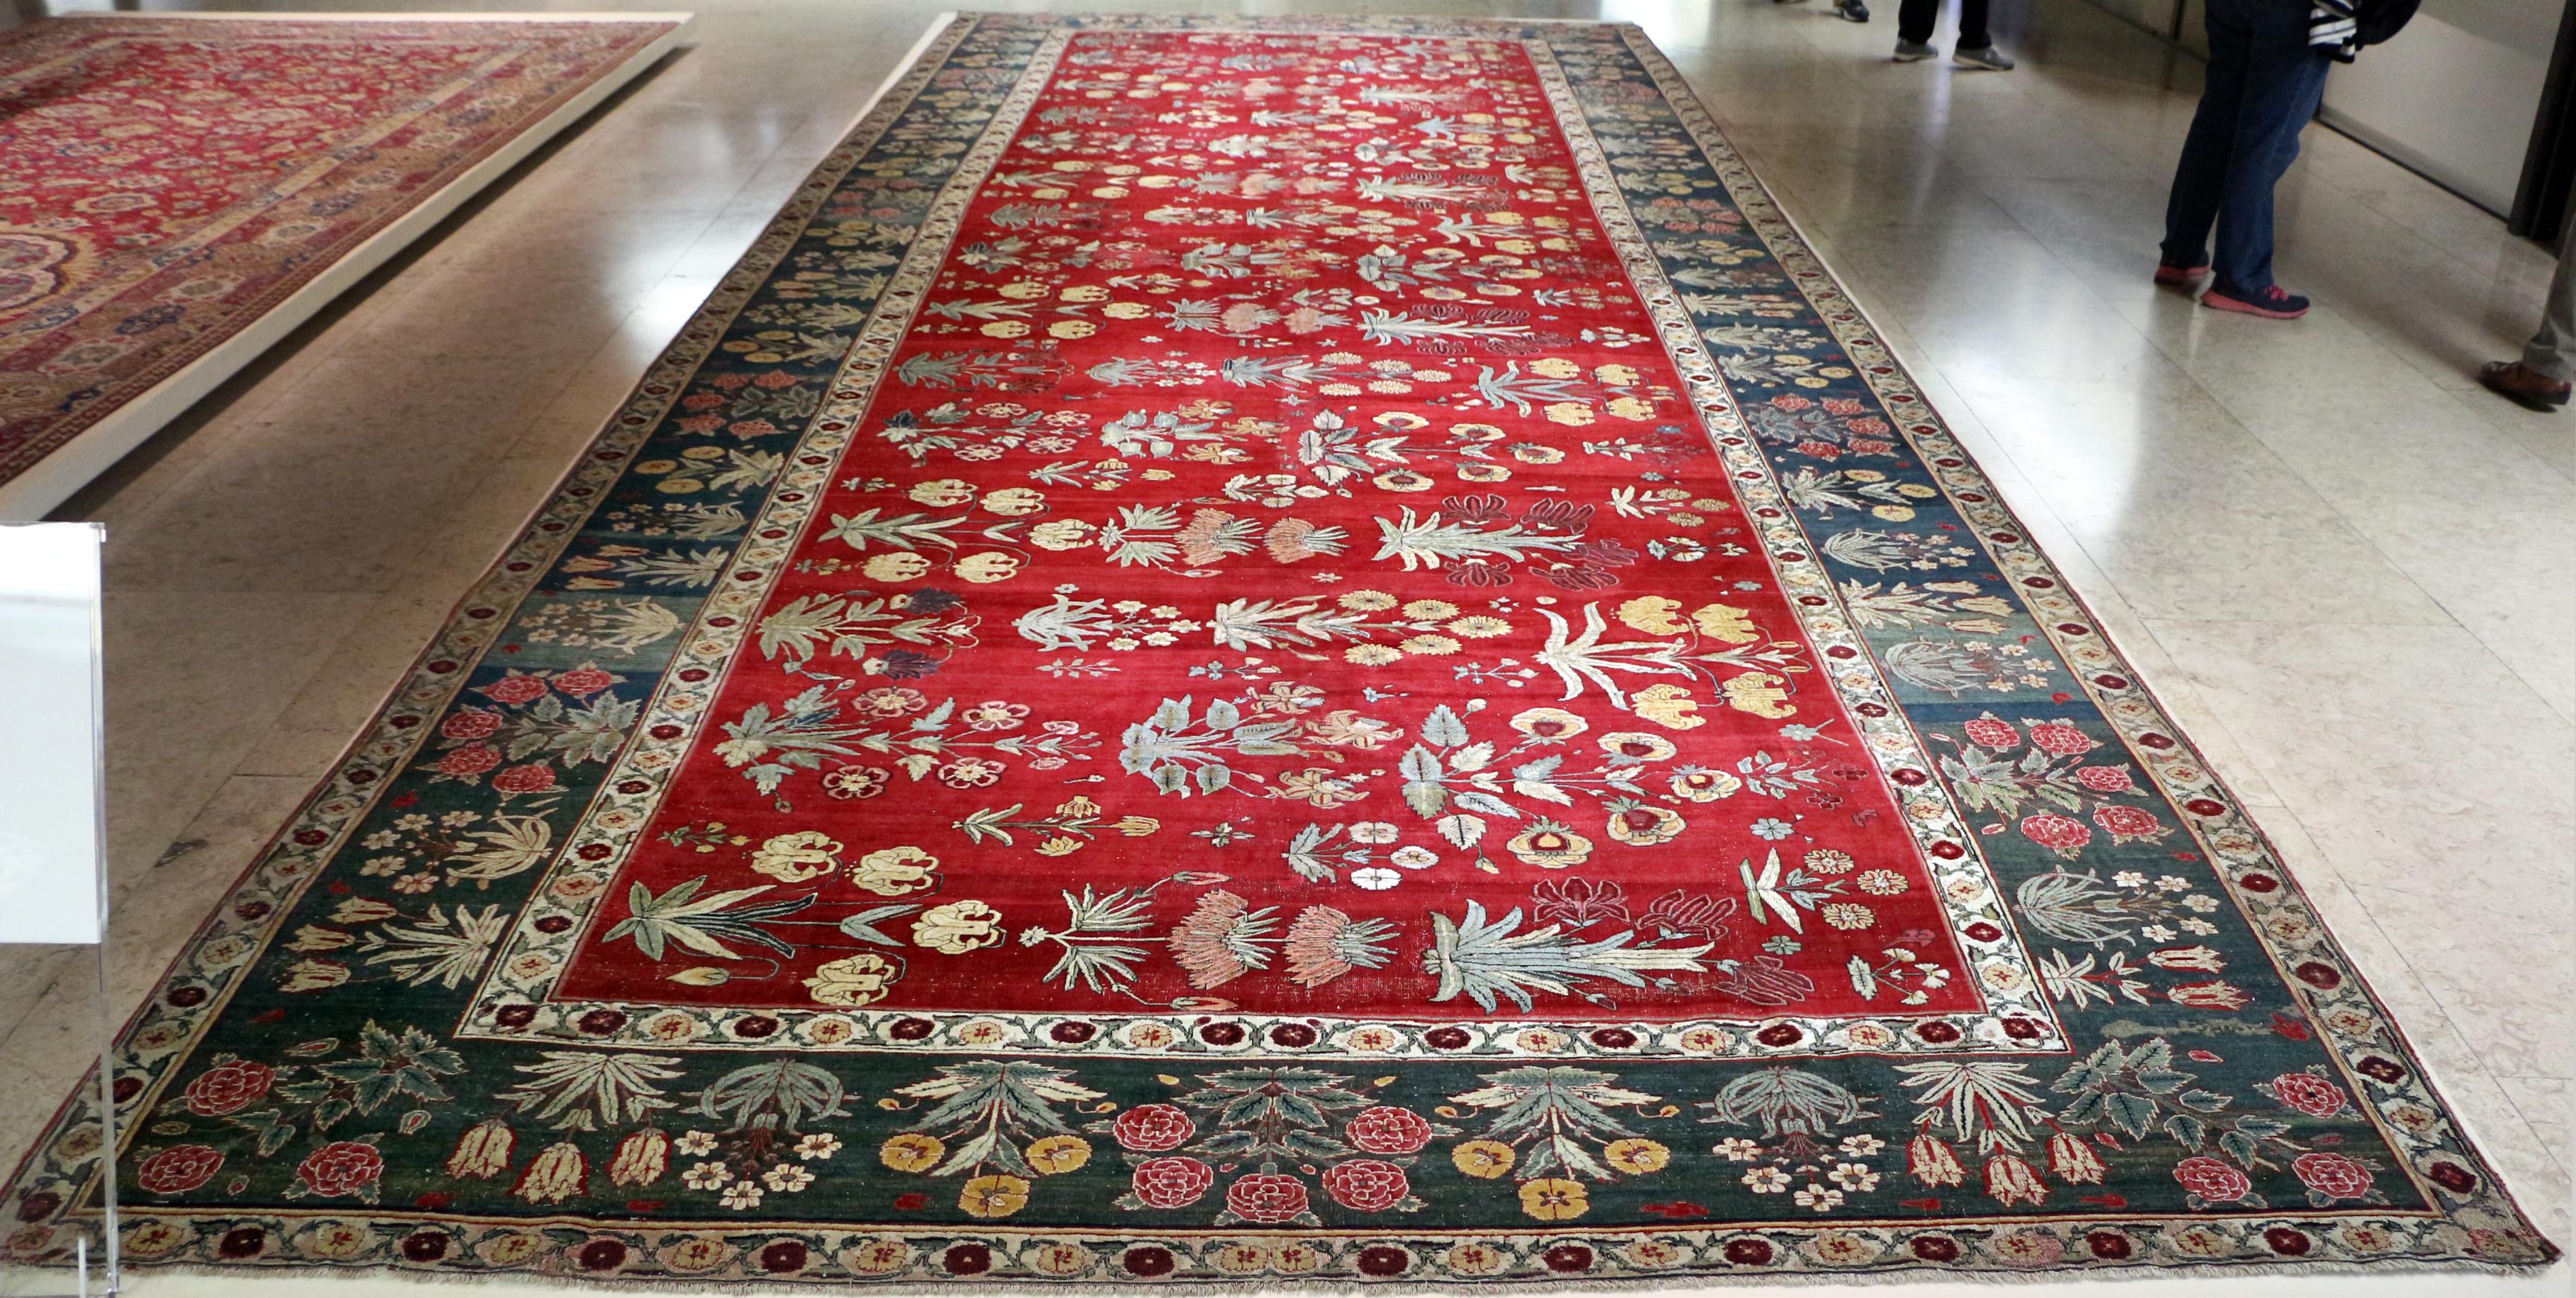 Tappeto Floreale Bruxelles : Tempo libero un tappeto da mila fiori per bruxelles